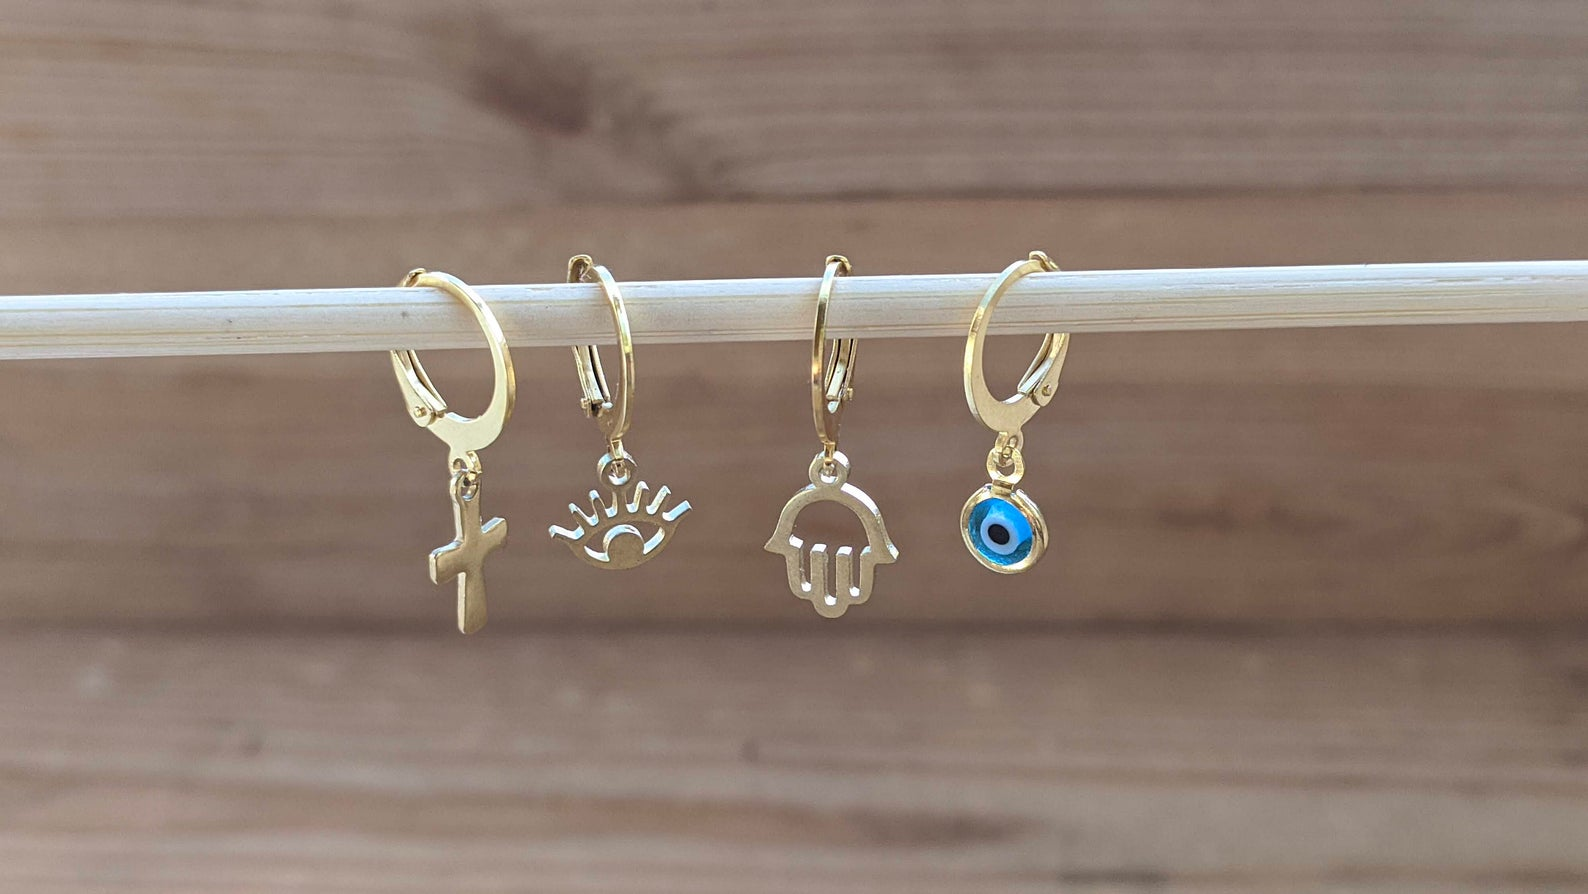 Single loop evil eye earrings